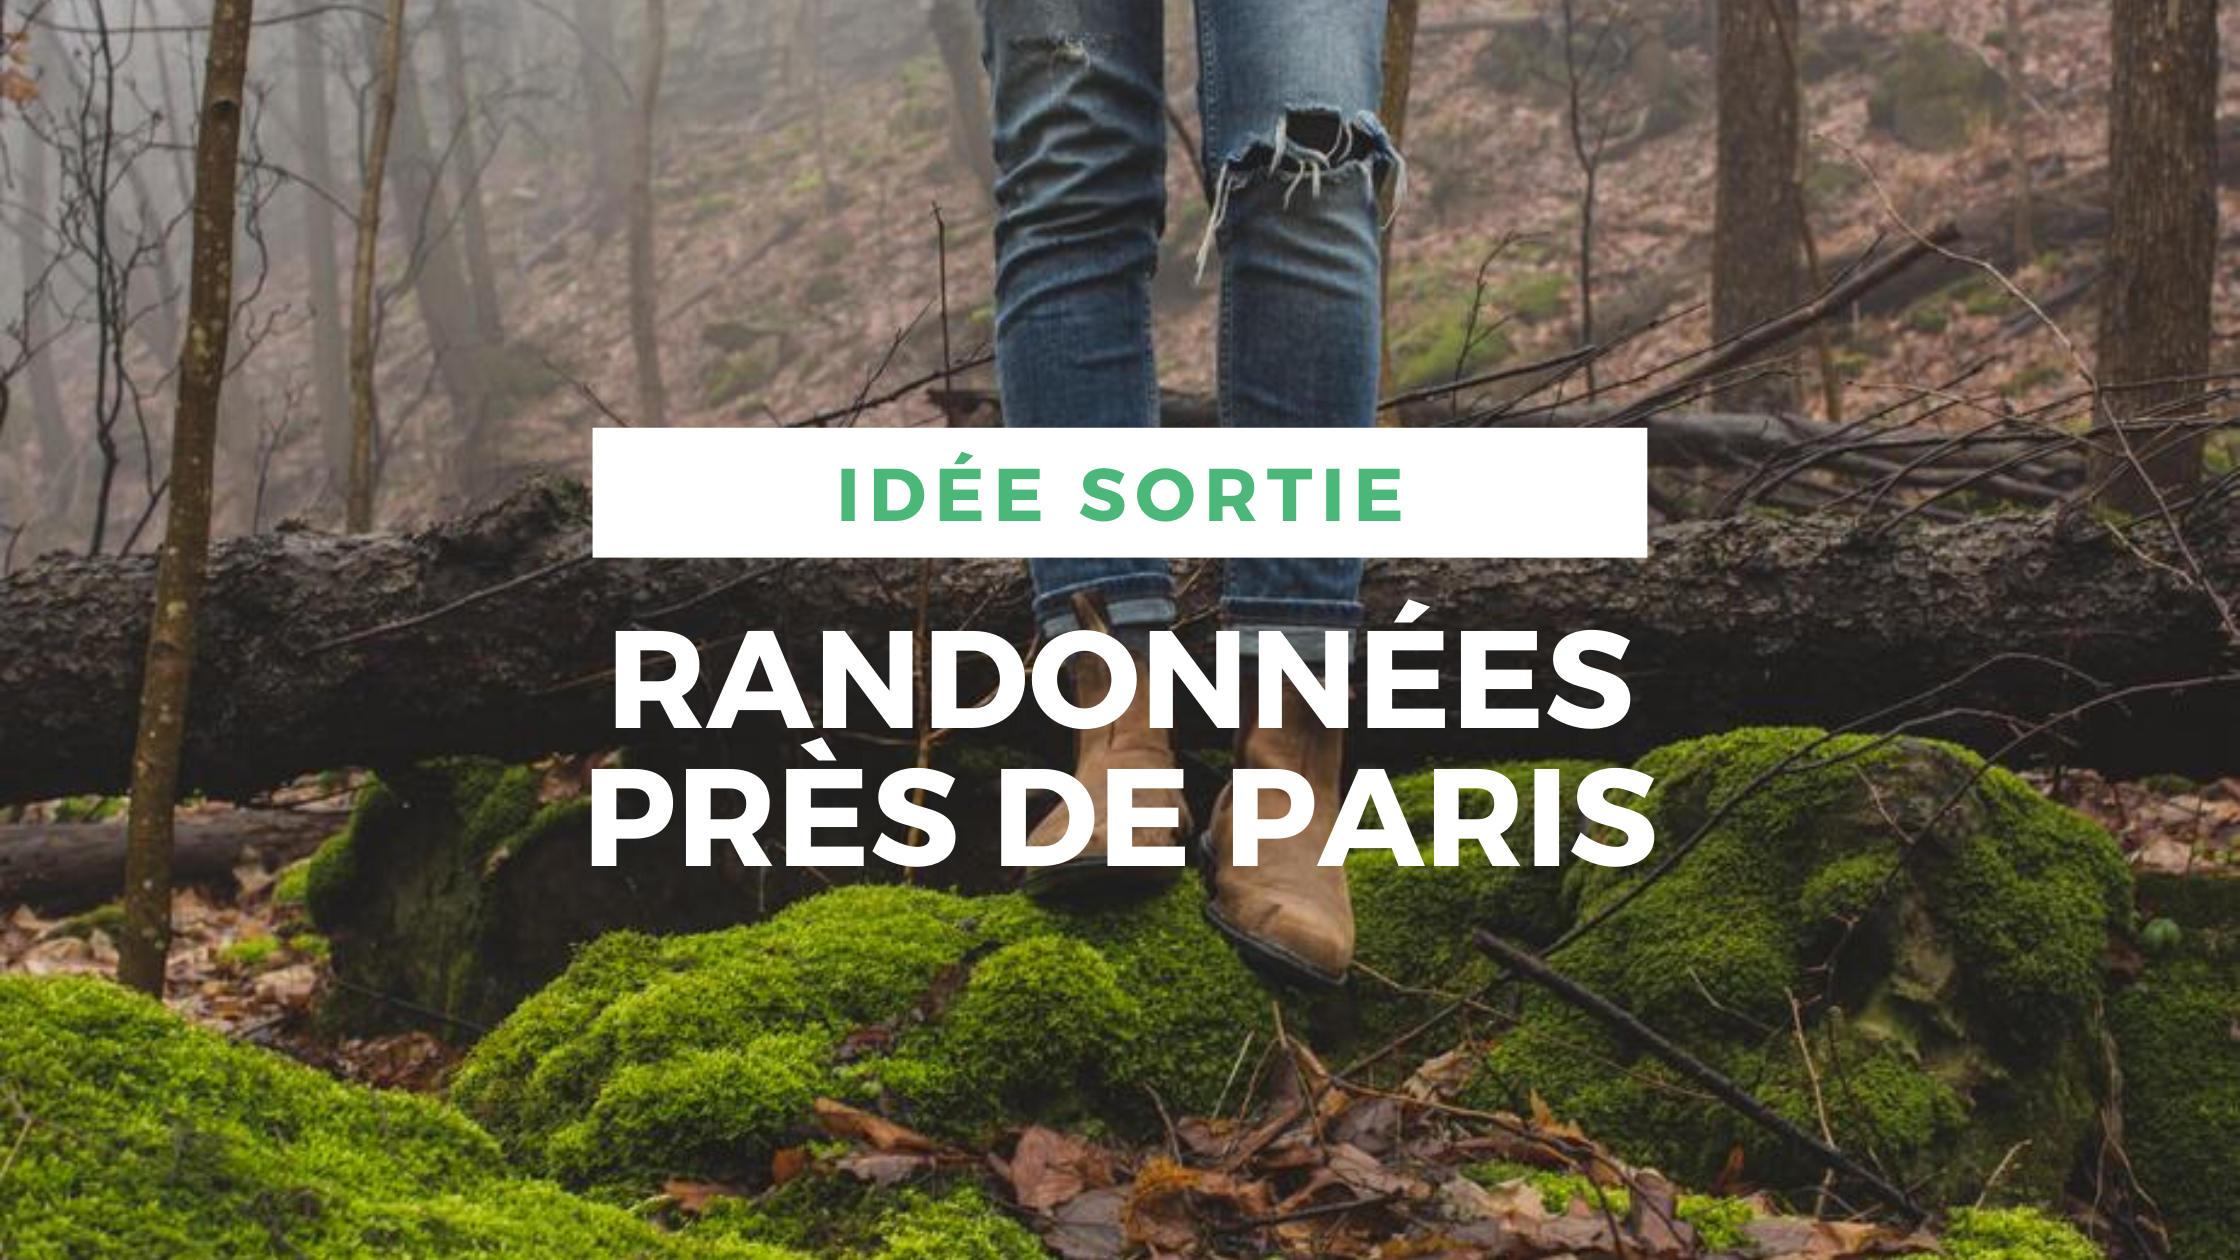 article-randonnee-pres-de-paris-locadventure